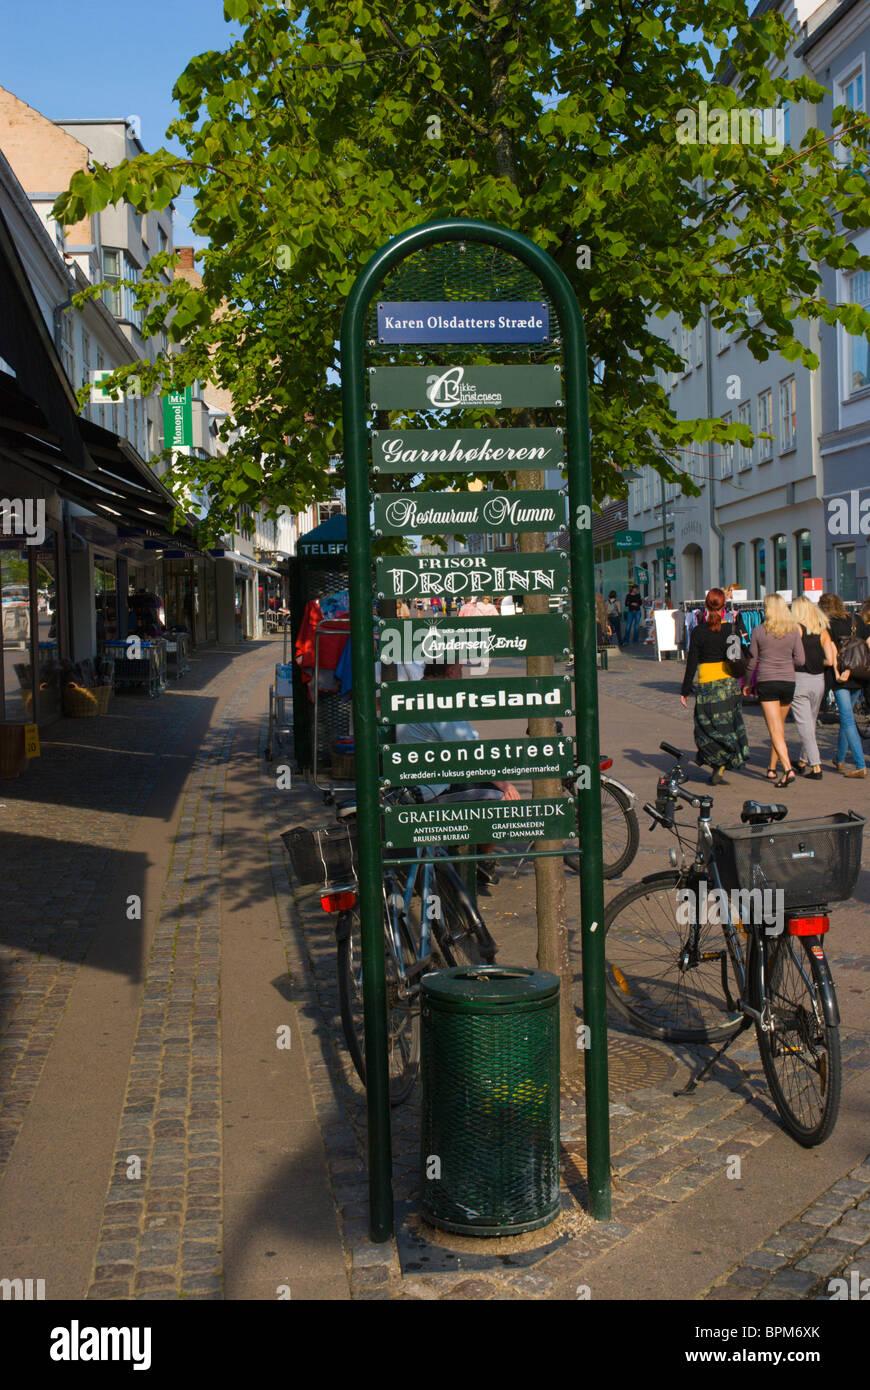 Skomagergade pedestrian street Roskilde Denmark Europe - Stock Image